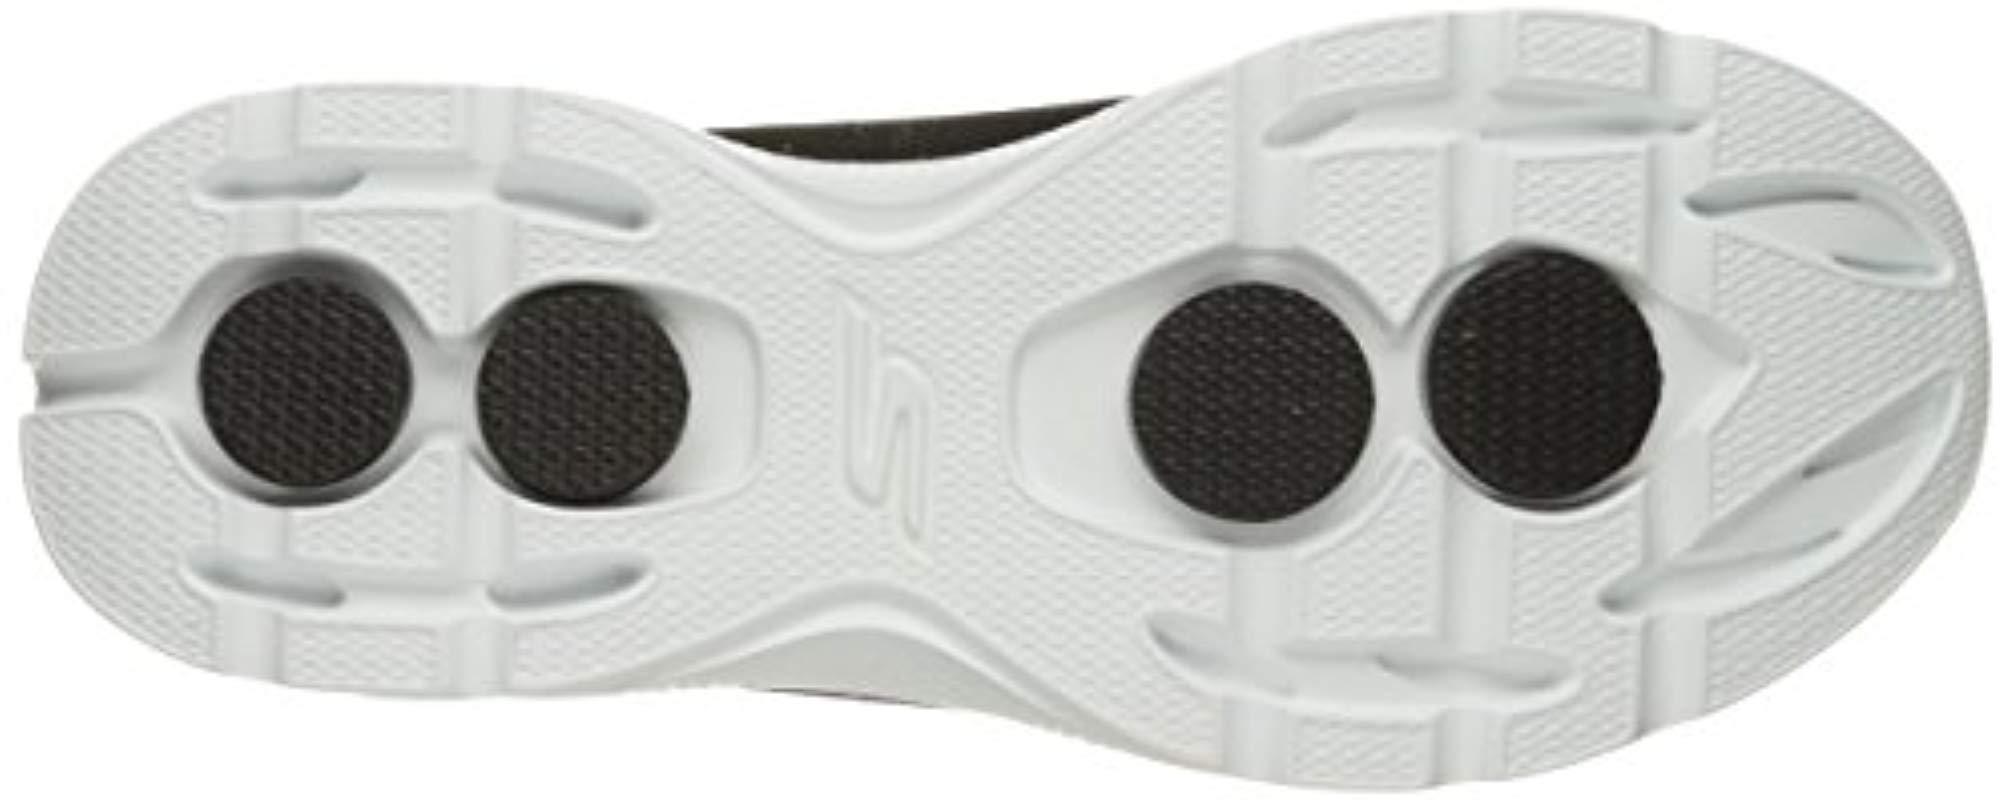 Skechers Performance Go 4-advance Walking Shoe,black/white,11 M Us for Men